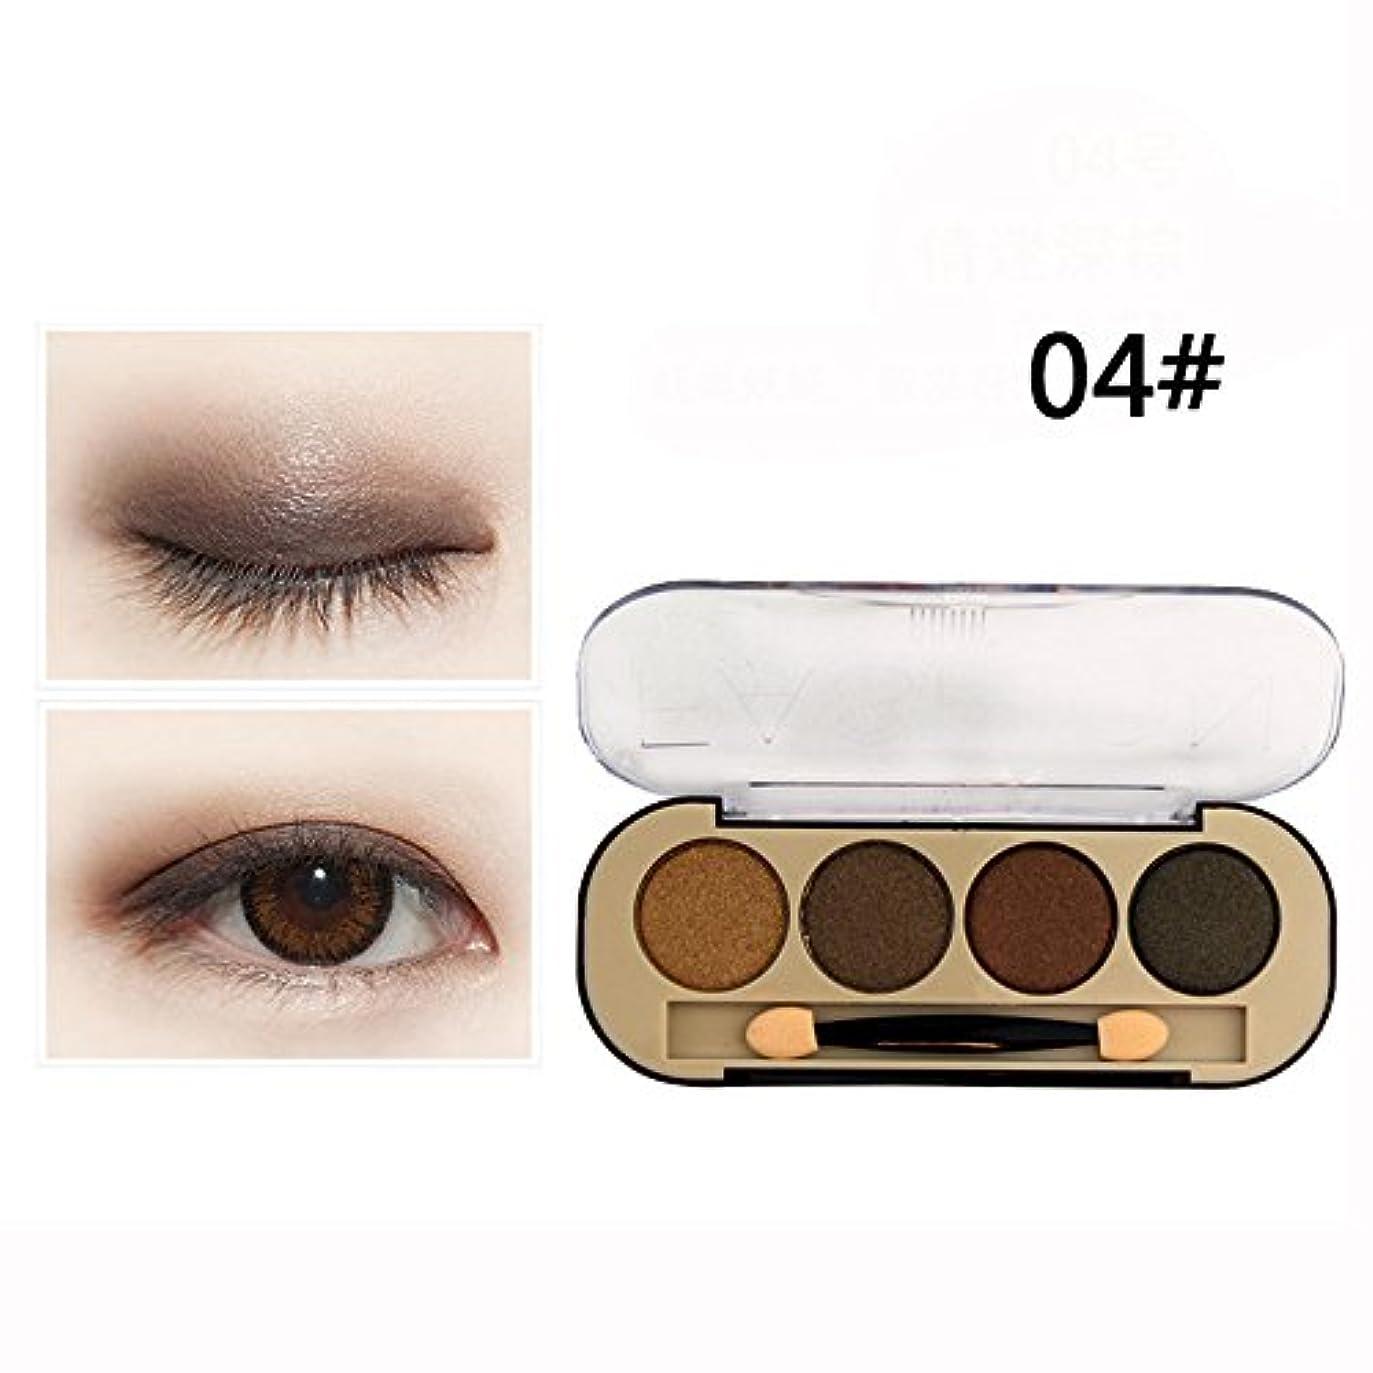 和らげる抽象月曜Lazayyii 4色 アイシャドウパレット 化粧ブラシ Eye Shadow グリッターアイシャドウ パール マットマット高発色 透明感 保湿成分 アイシャドウ パレット (04#)